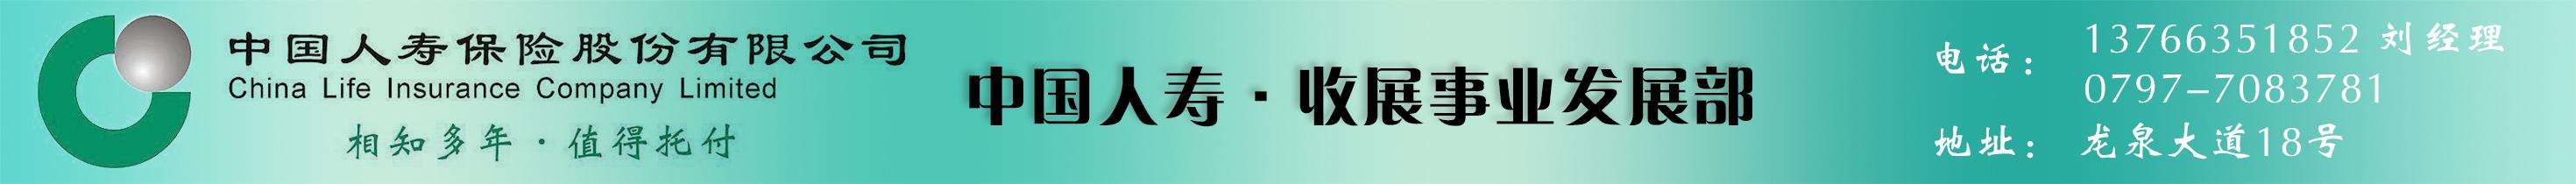 中国人寿保险股份有限澳门太阳城注册